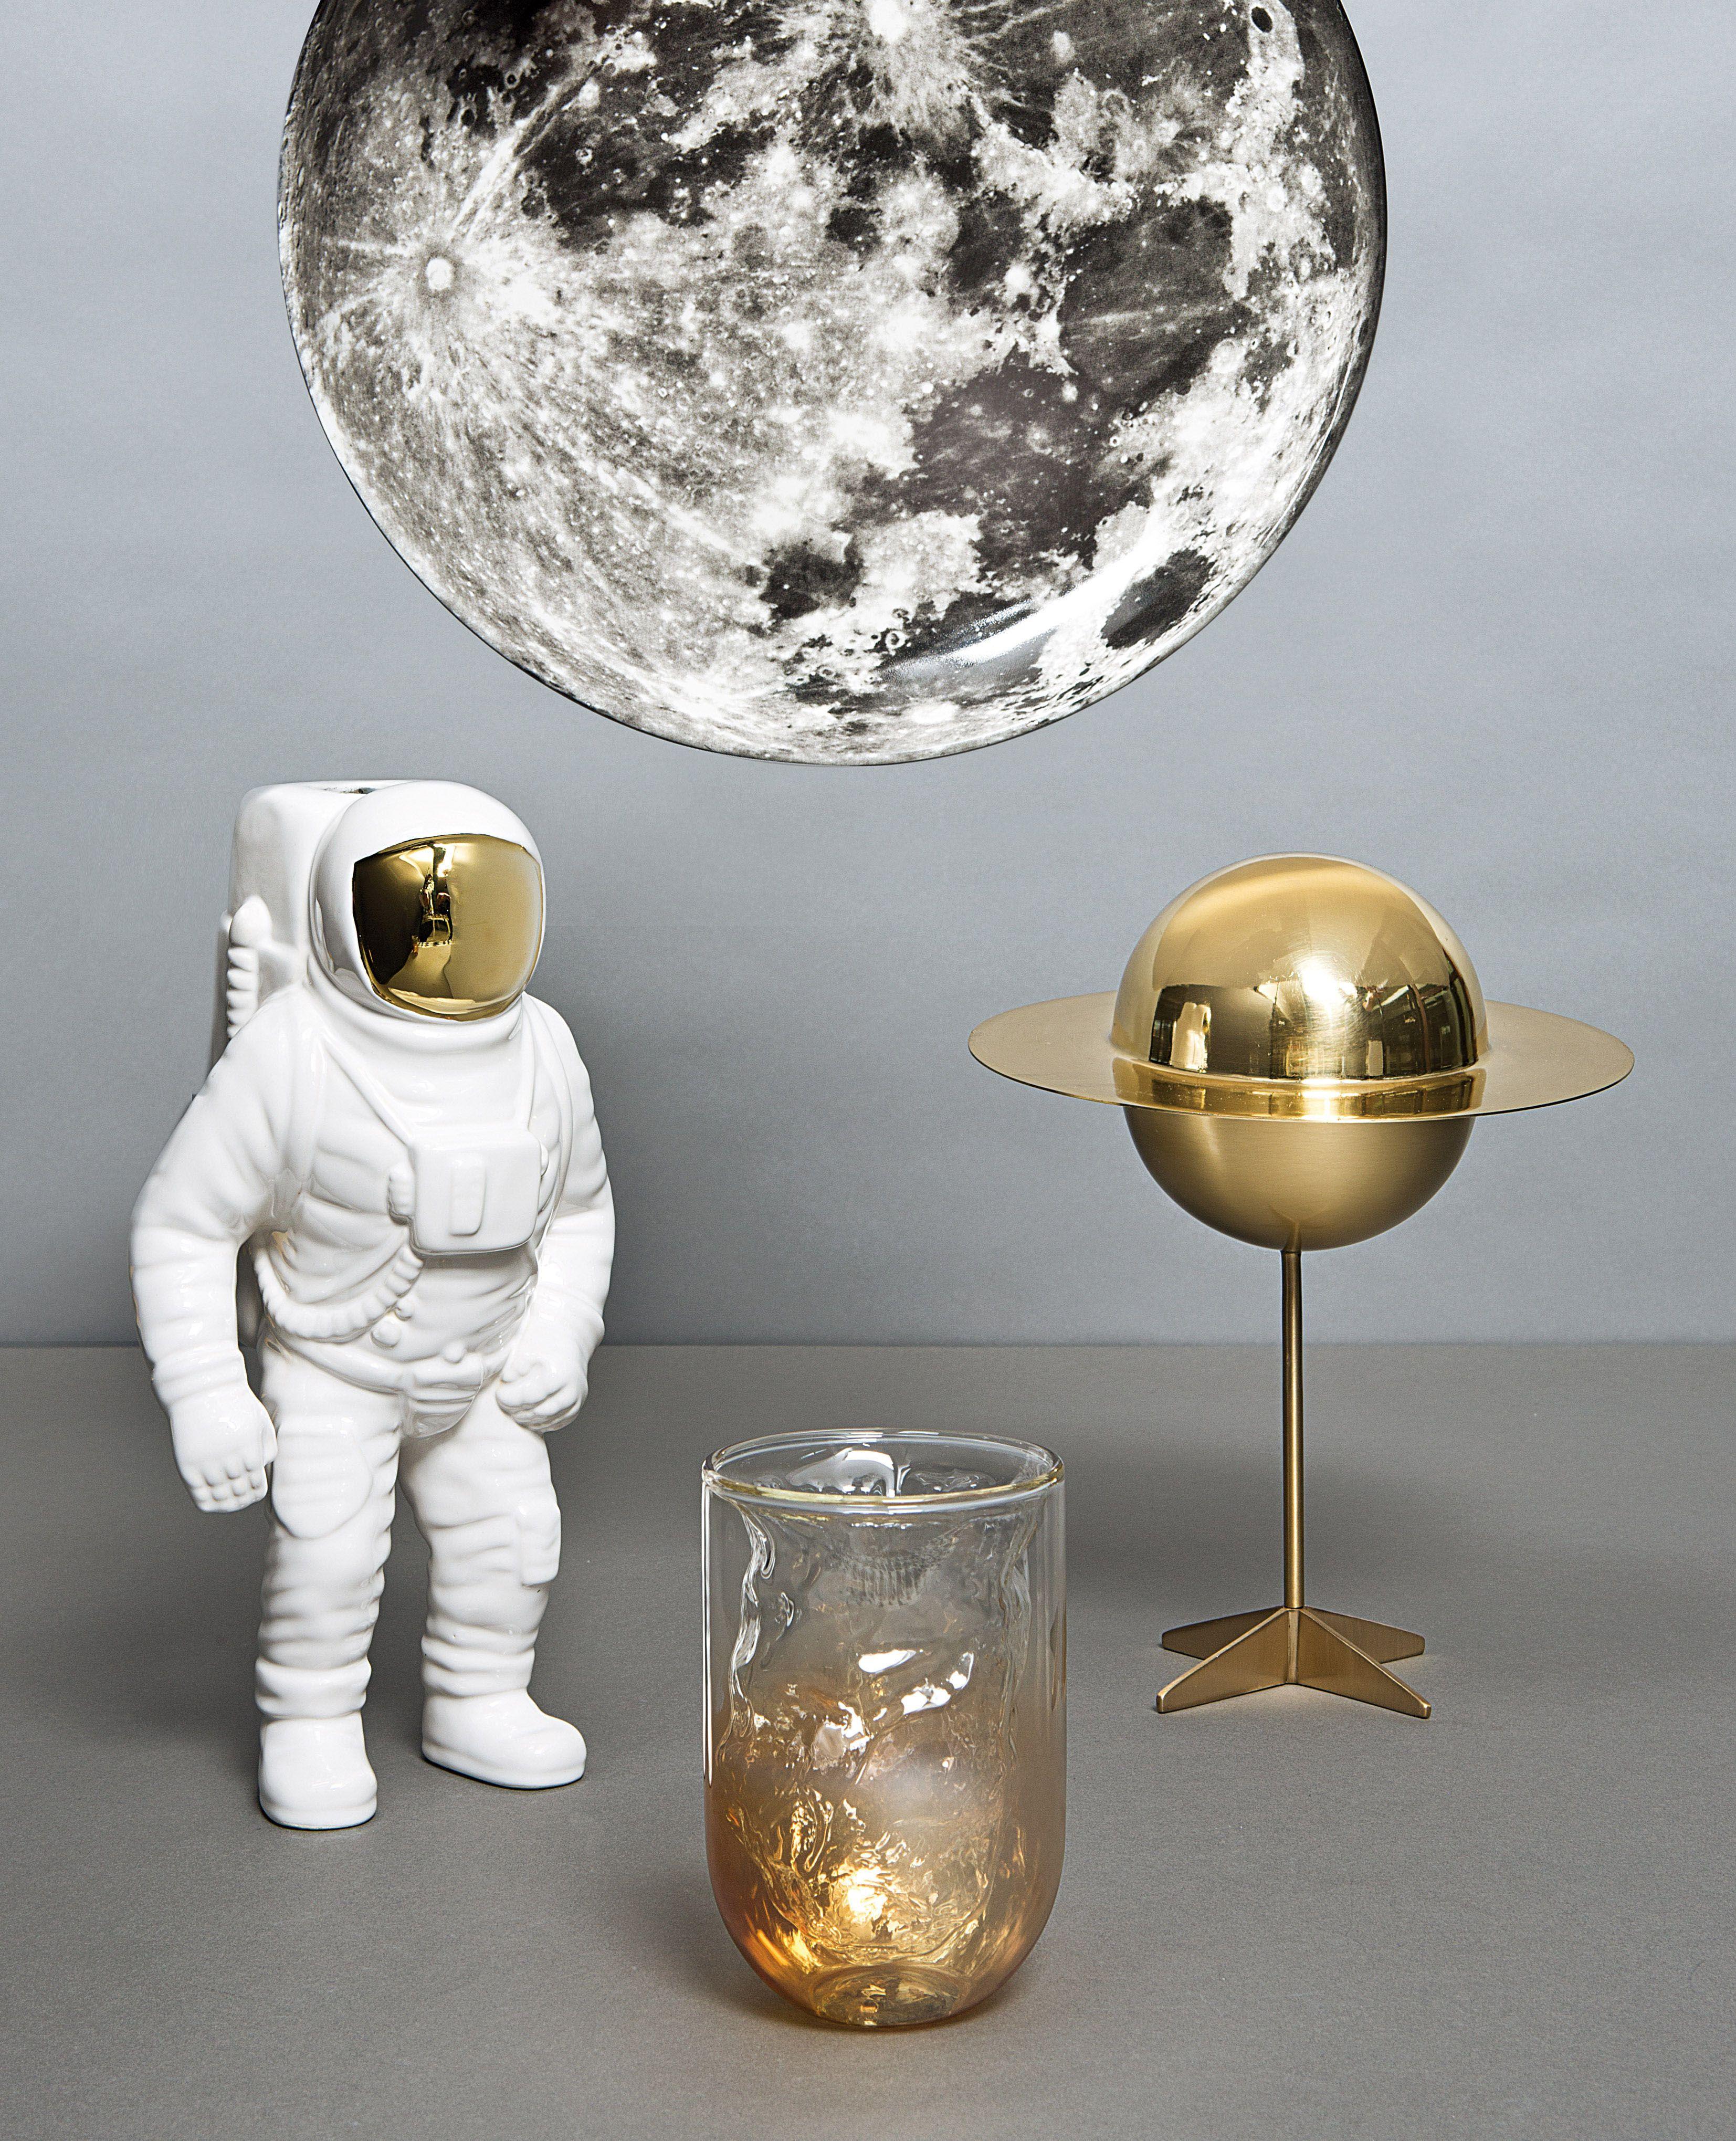 Vase En Porcelaine Starman De La Marque Seletti Et Diesel Living Maison Et Objet Deco Objet Decoration